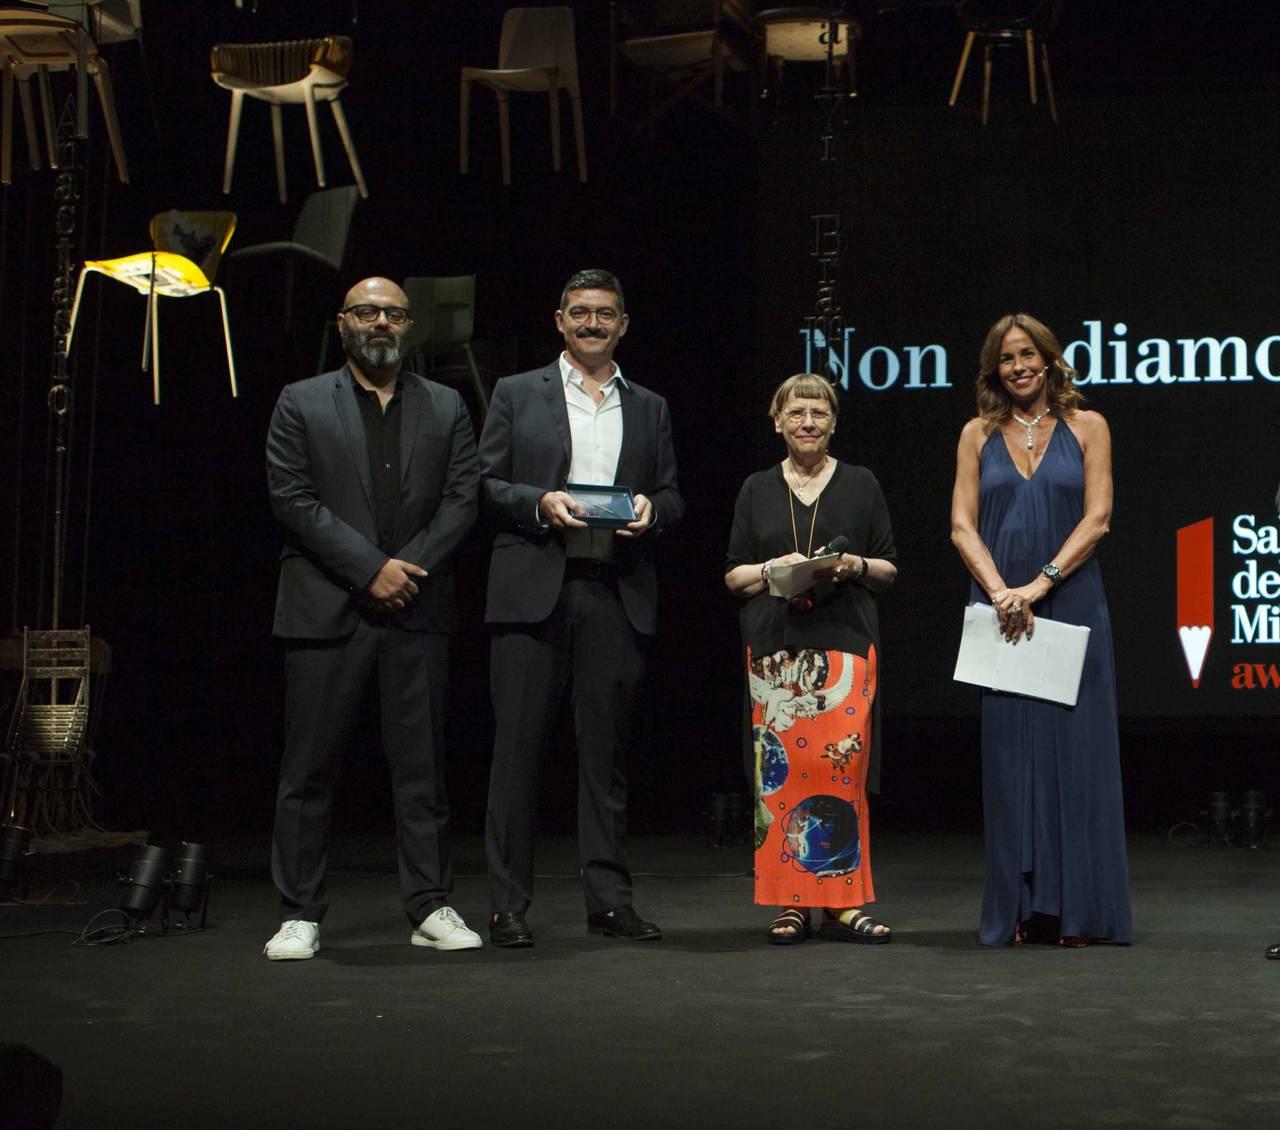 Flos premiata per il miglior allestimento al Salone del Mobile.Milano Award 2017